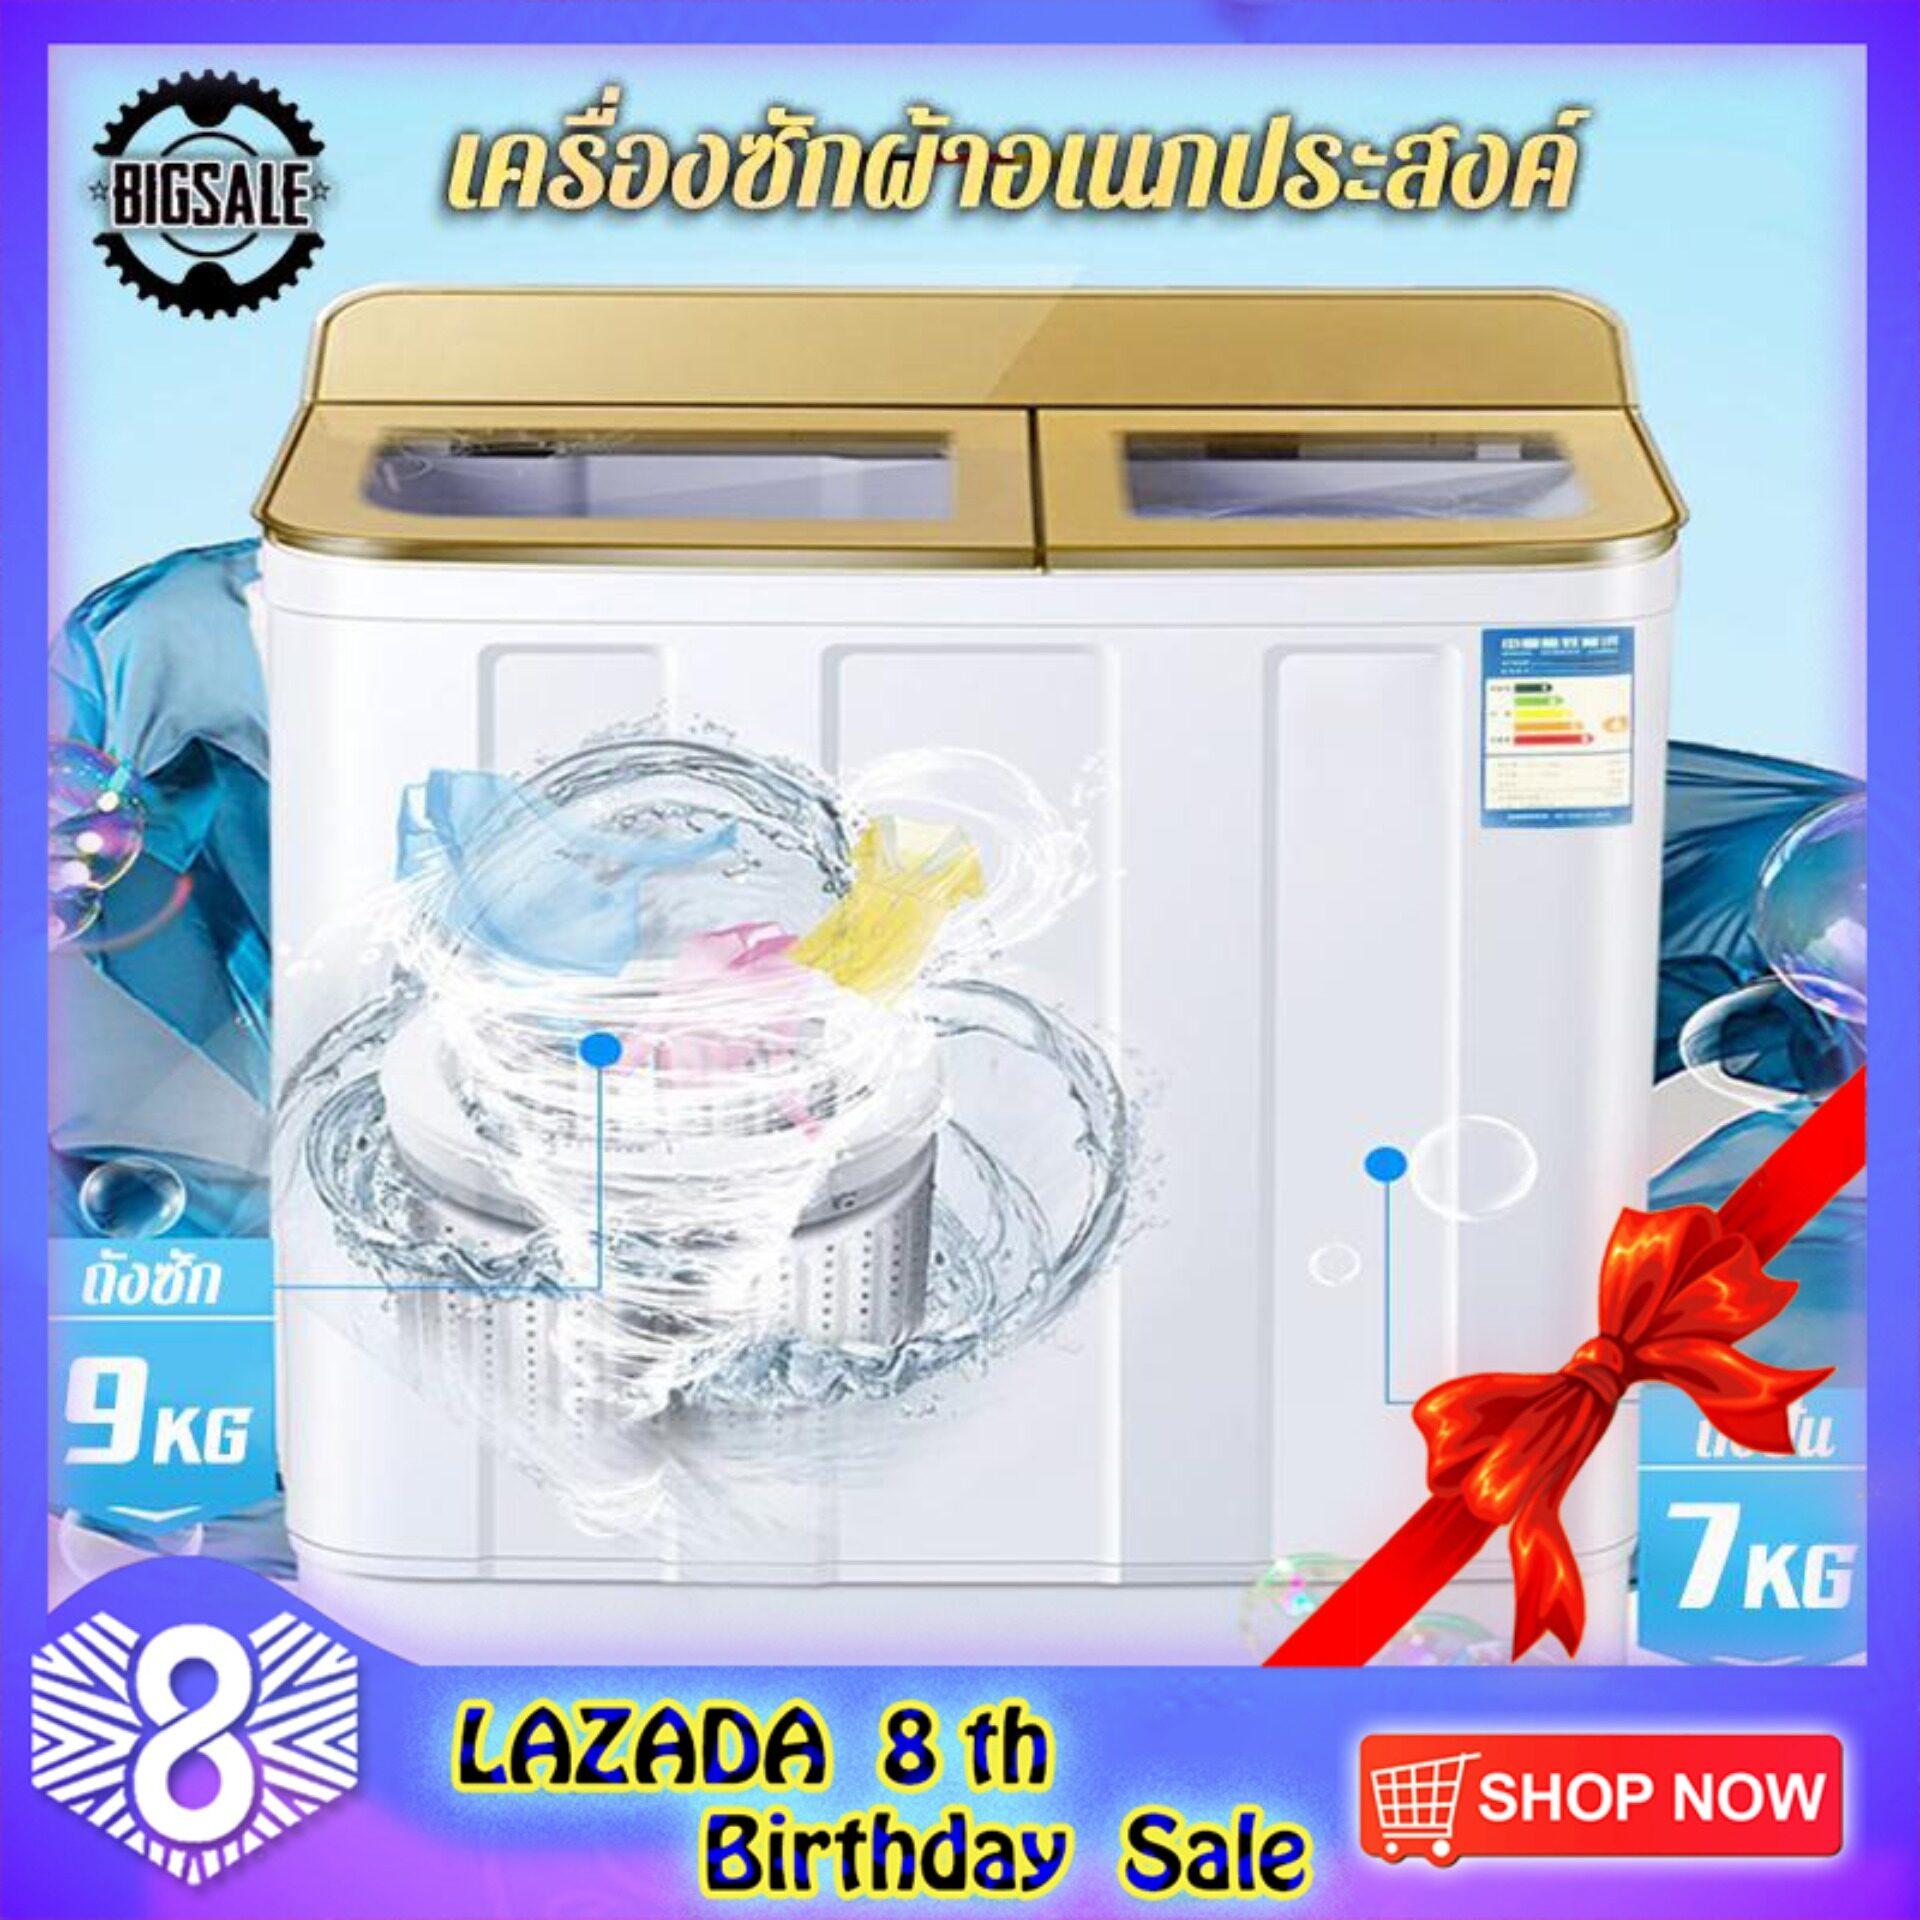 เครื่องซักผ้าถังคู่ ความจุ 9 กิโลกรัม สีขาว.